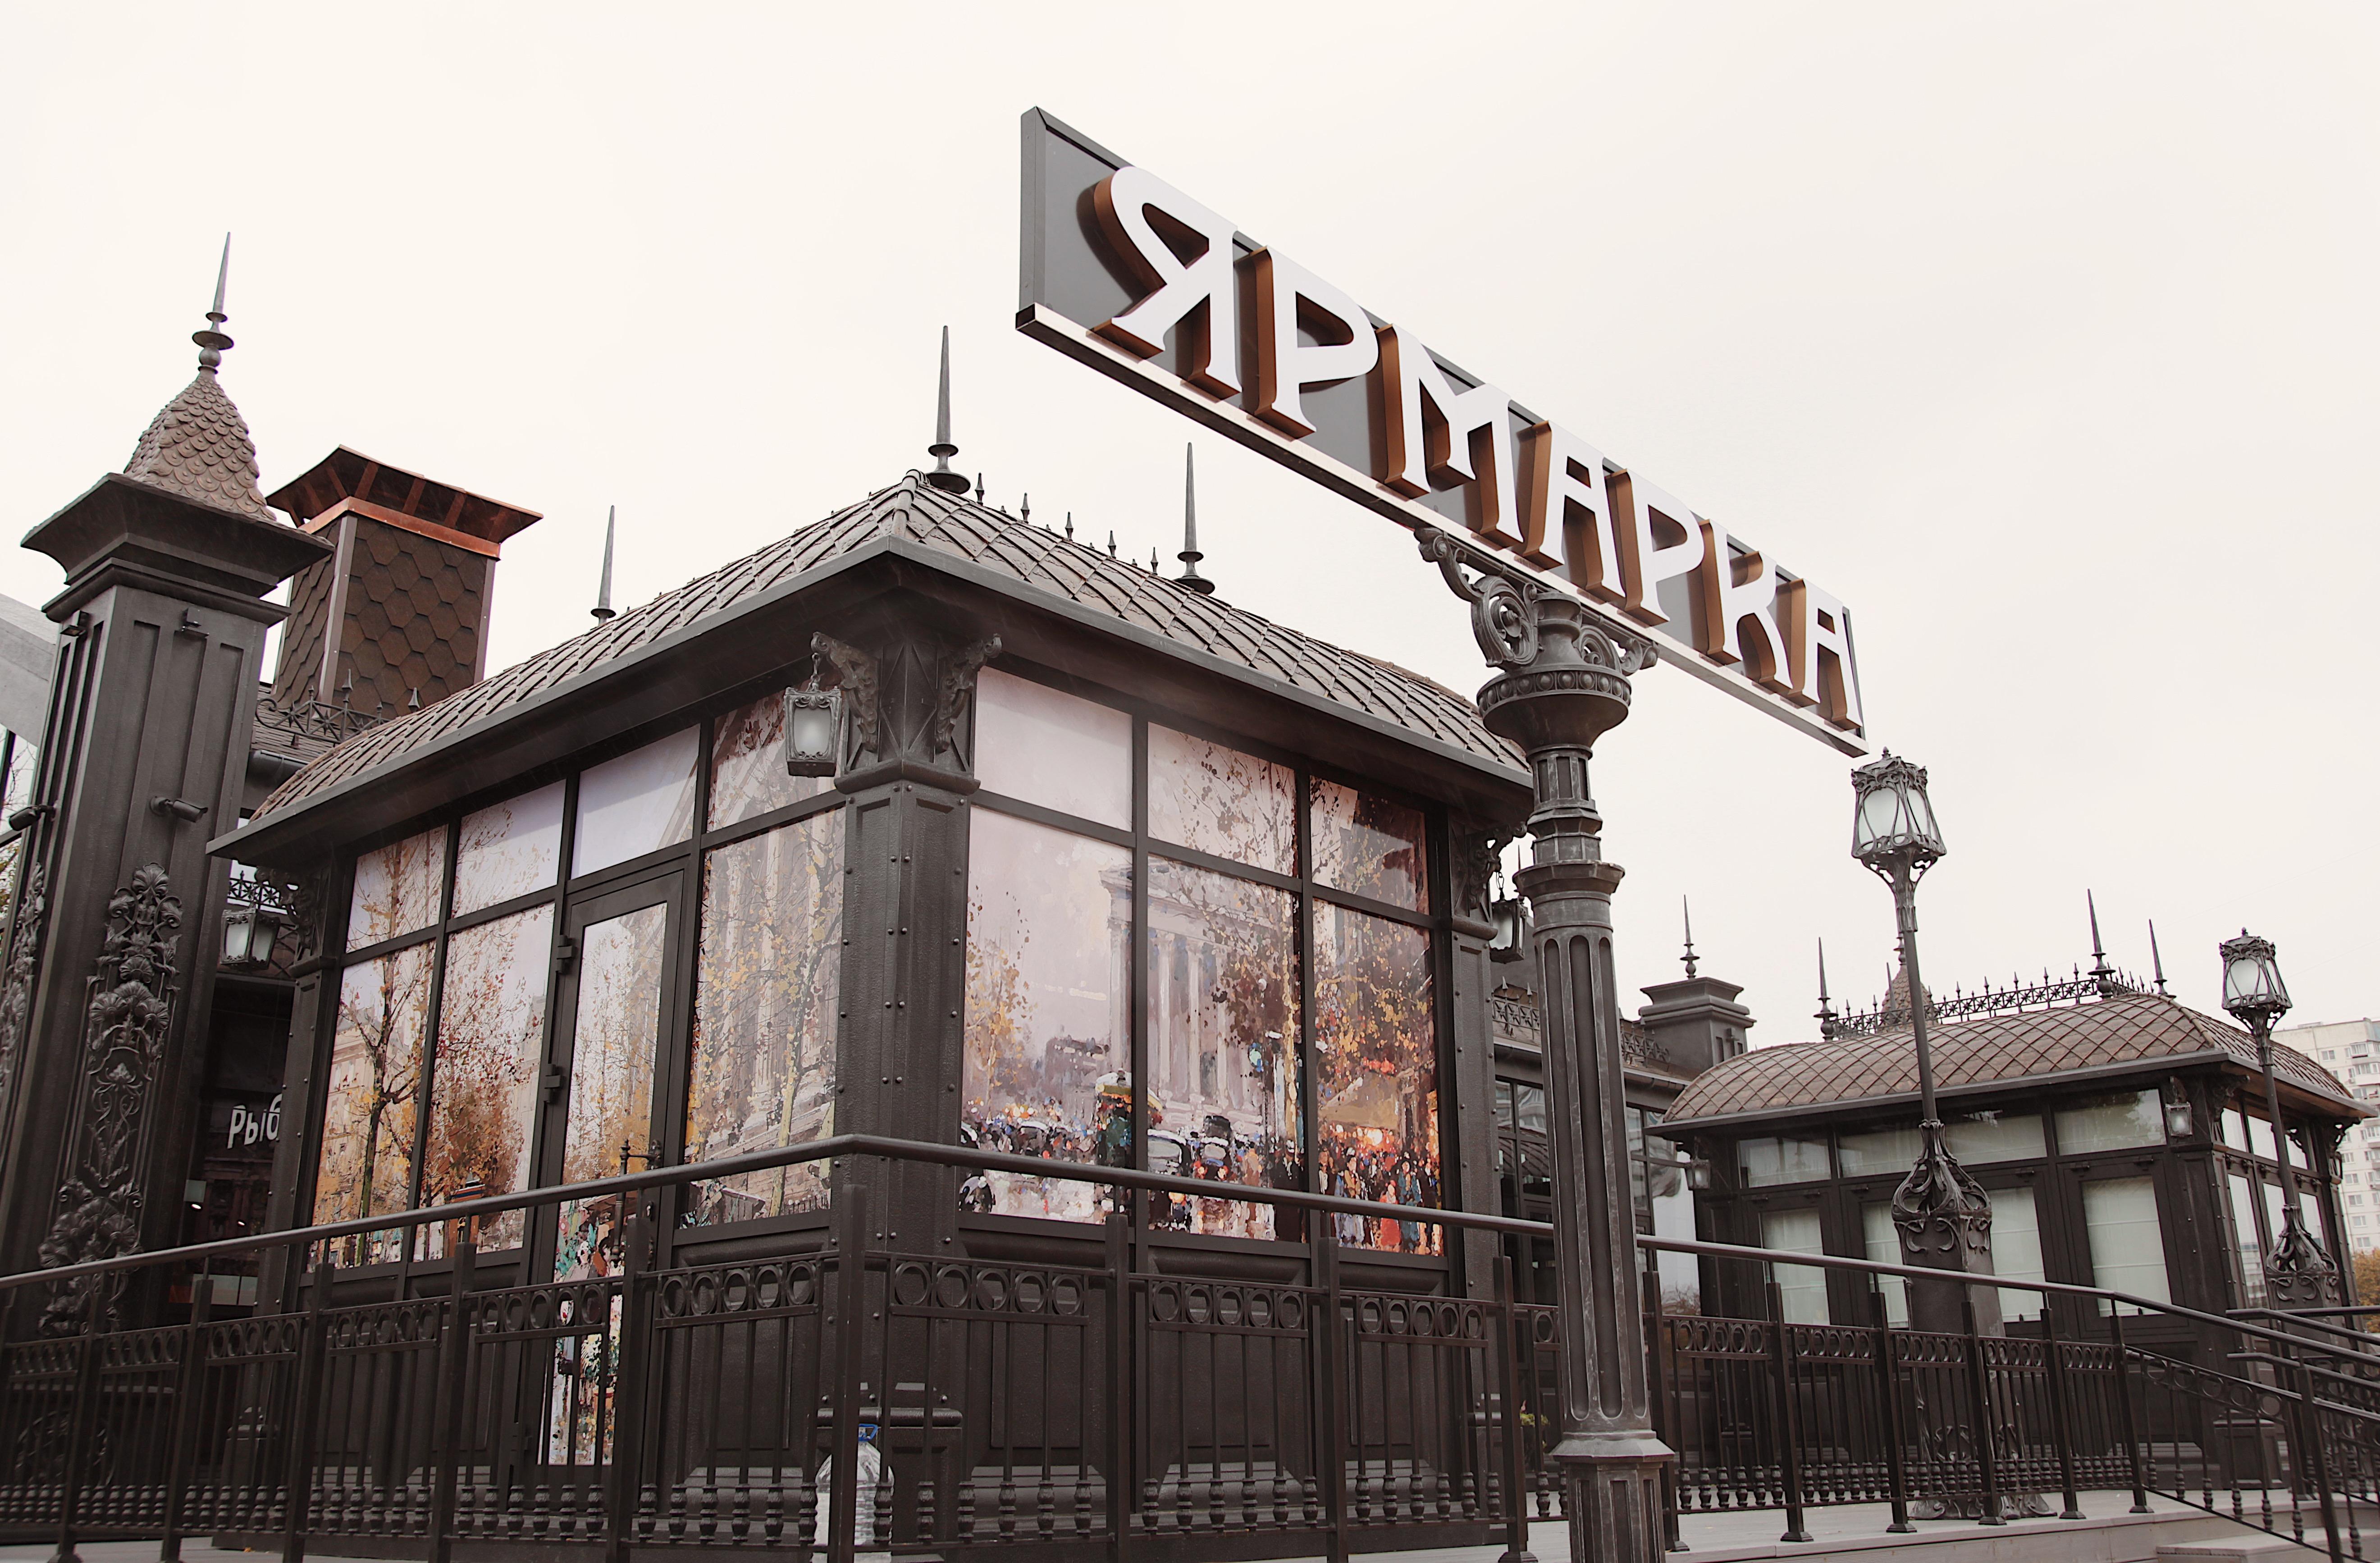 Московские ярмарки. Архитектура и дизайн. Стиль «Франция»